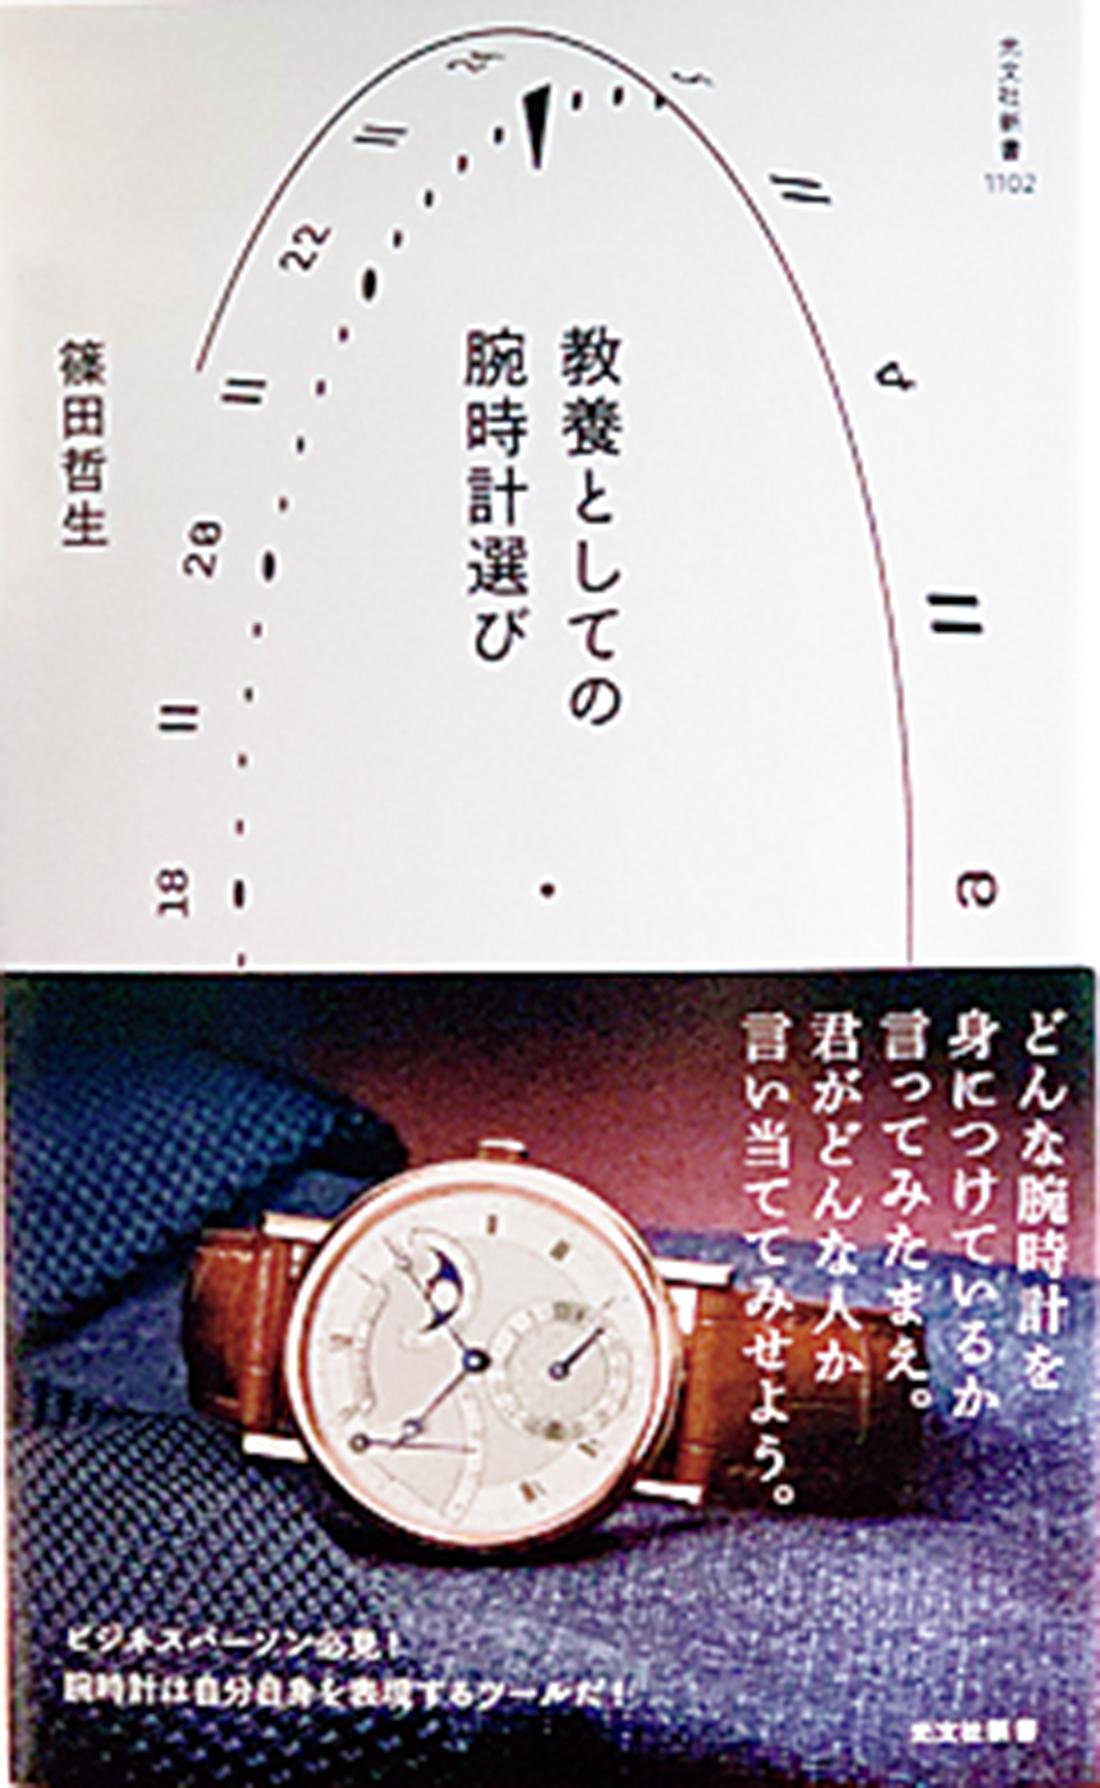 教養としての腕時計選び